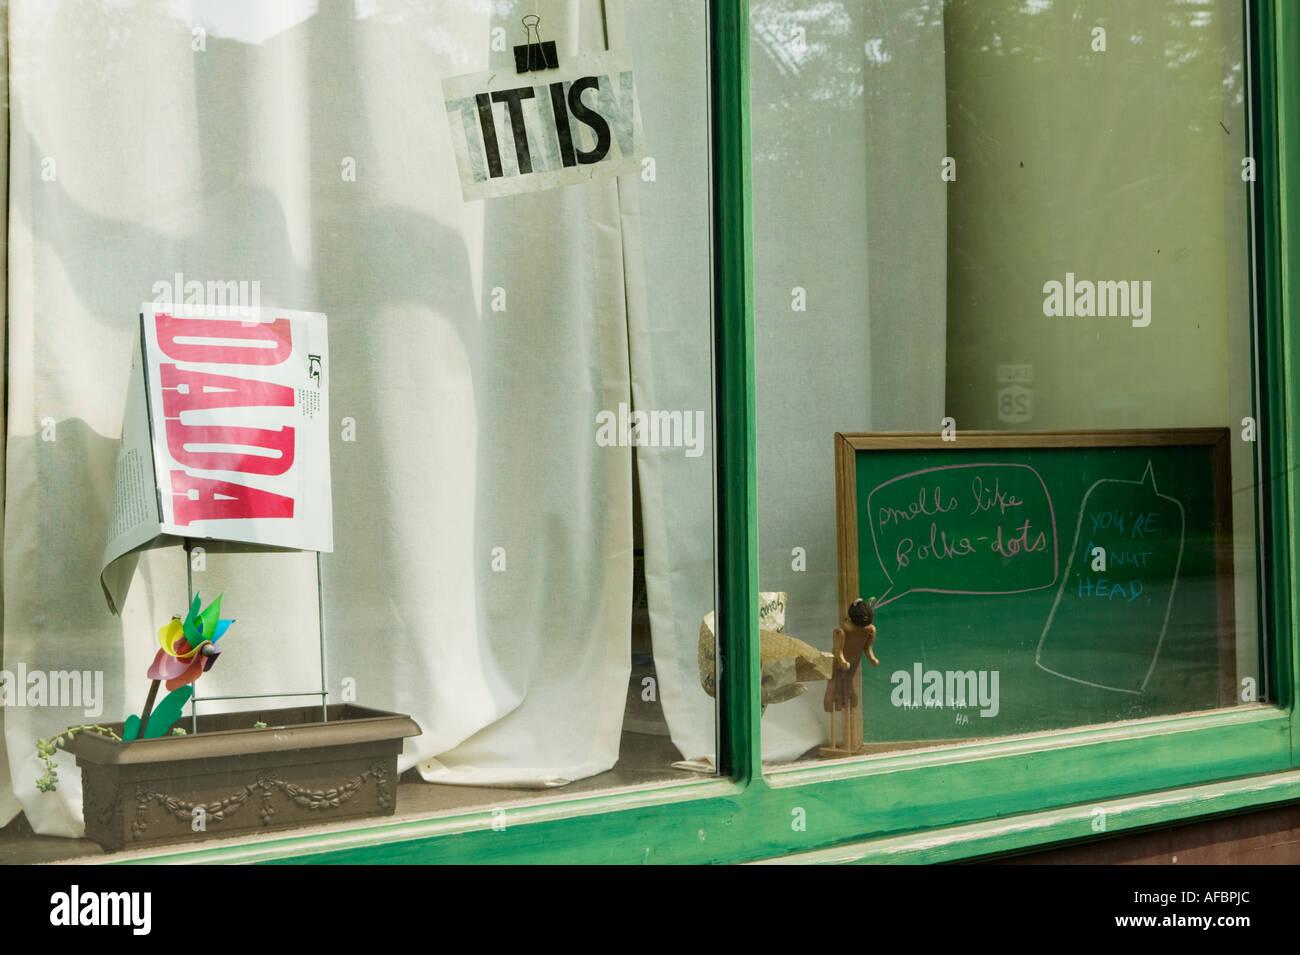 Affichage fenêtre poésie Dada Andes ville New York State Catskills Photo Stock